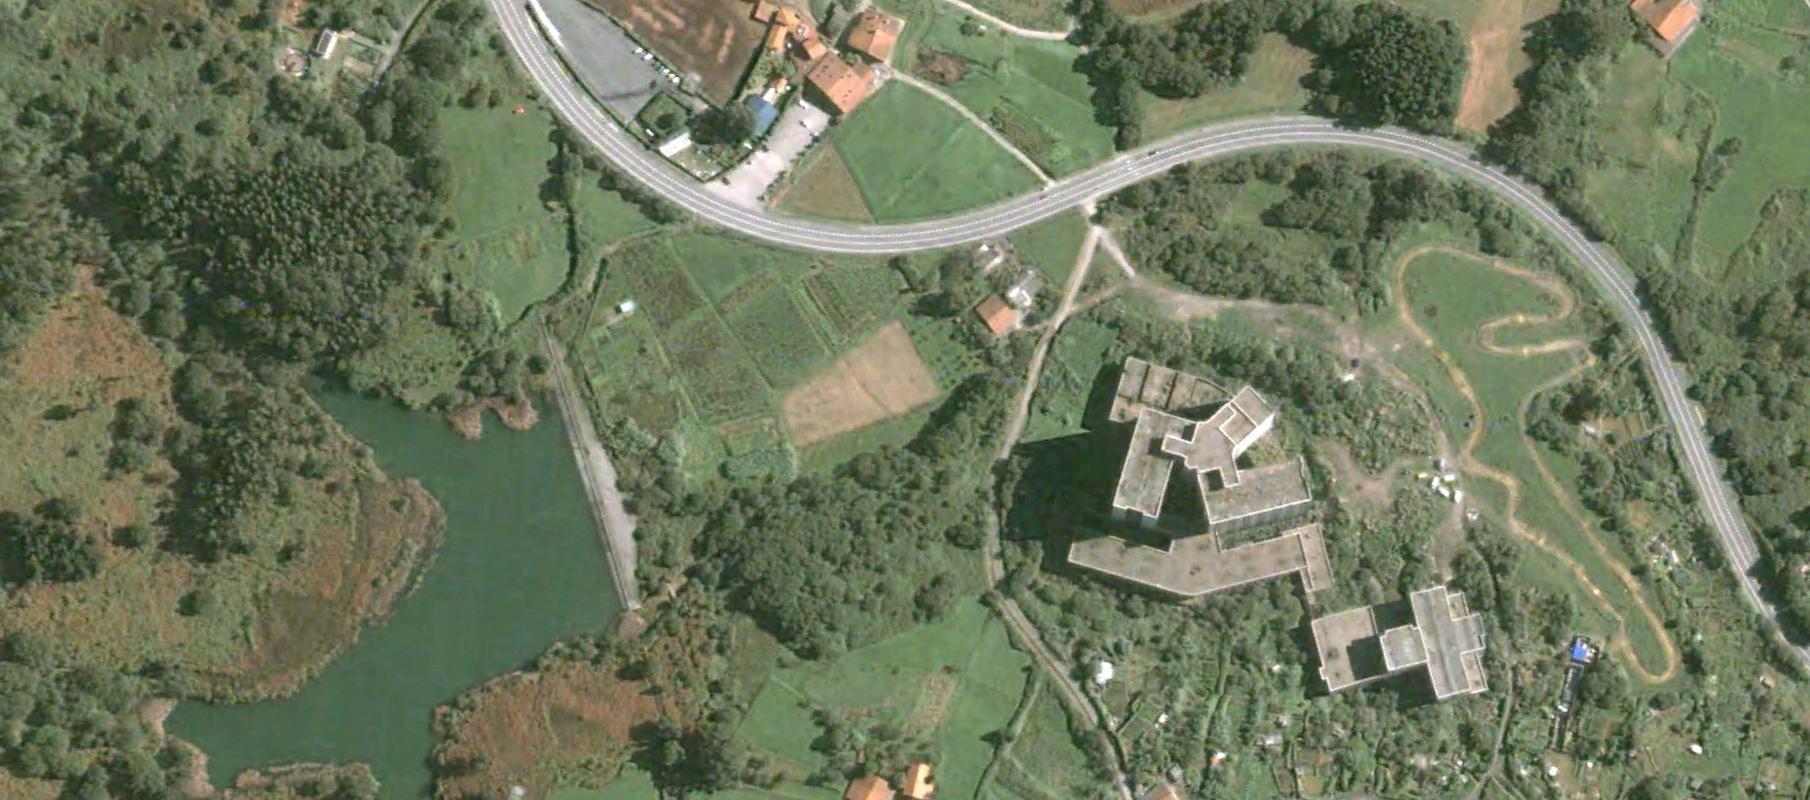 hospital de leioa, bizkaia, antes se decía lejona, antes, urbanismo, planeamiento, urbano, desastre, urbanístico, construcción